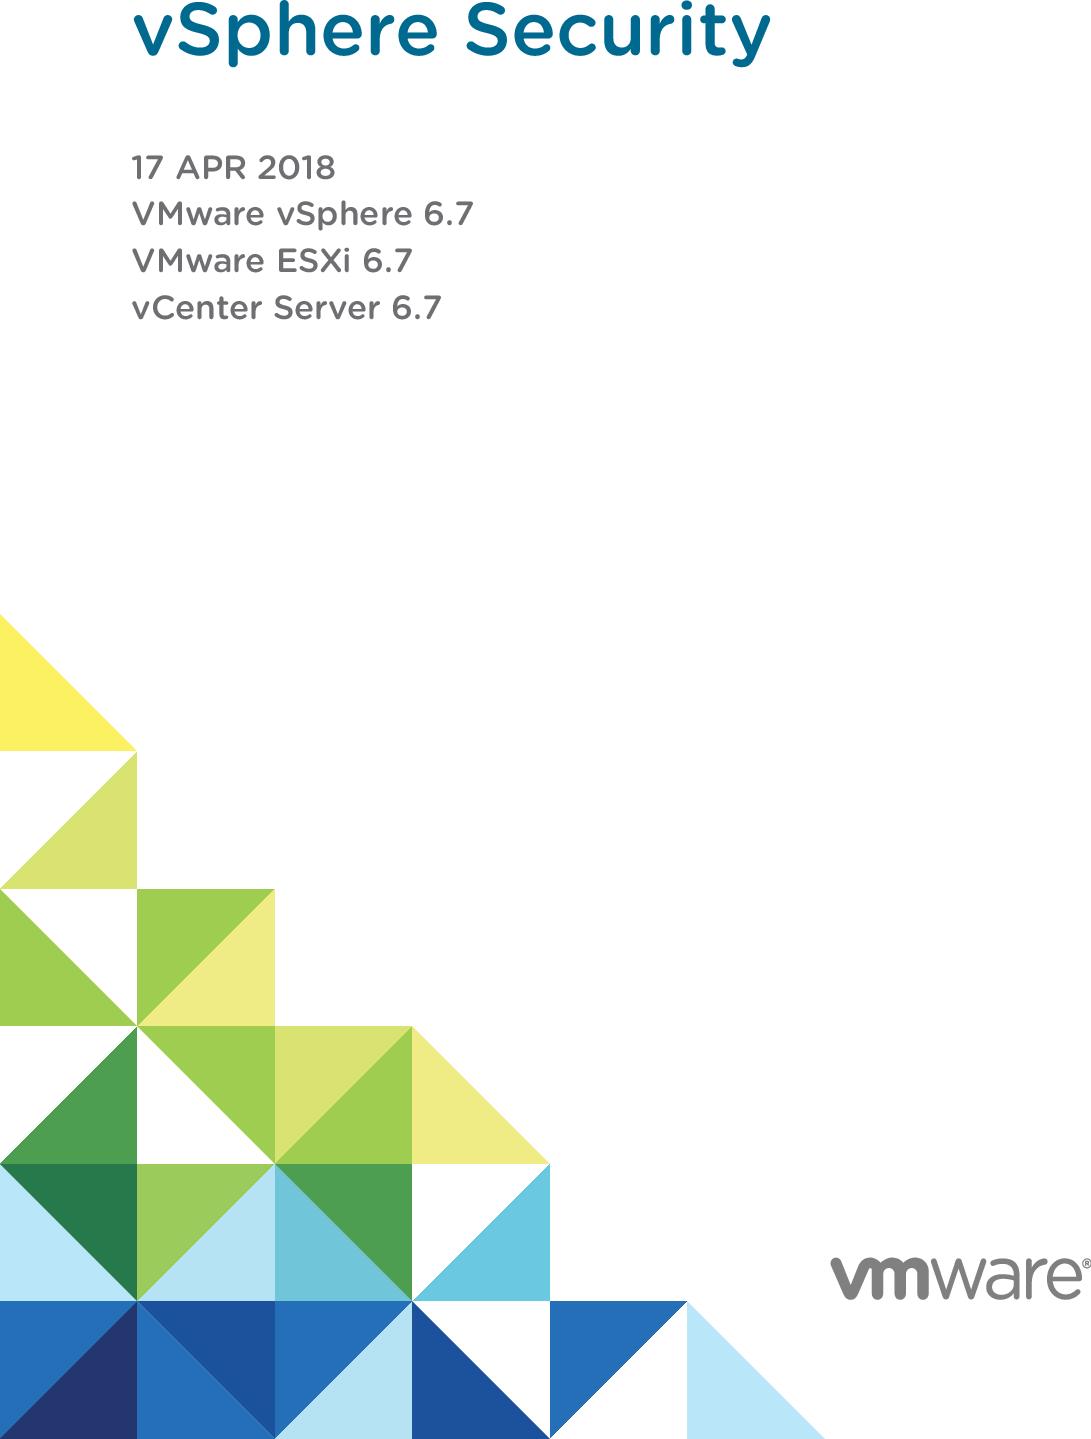 VSphere Security VMware  6 7 V Center Server esxi vcenter 67 EN